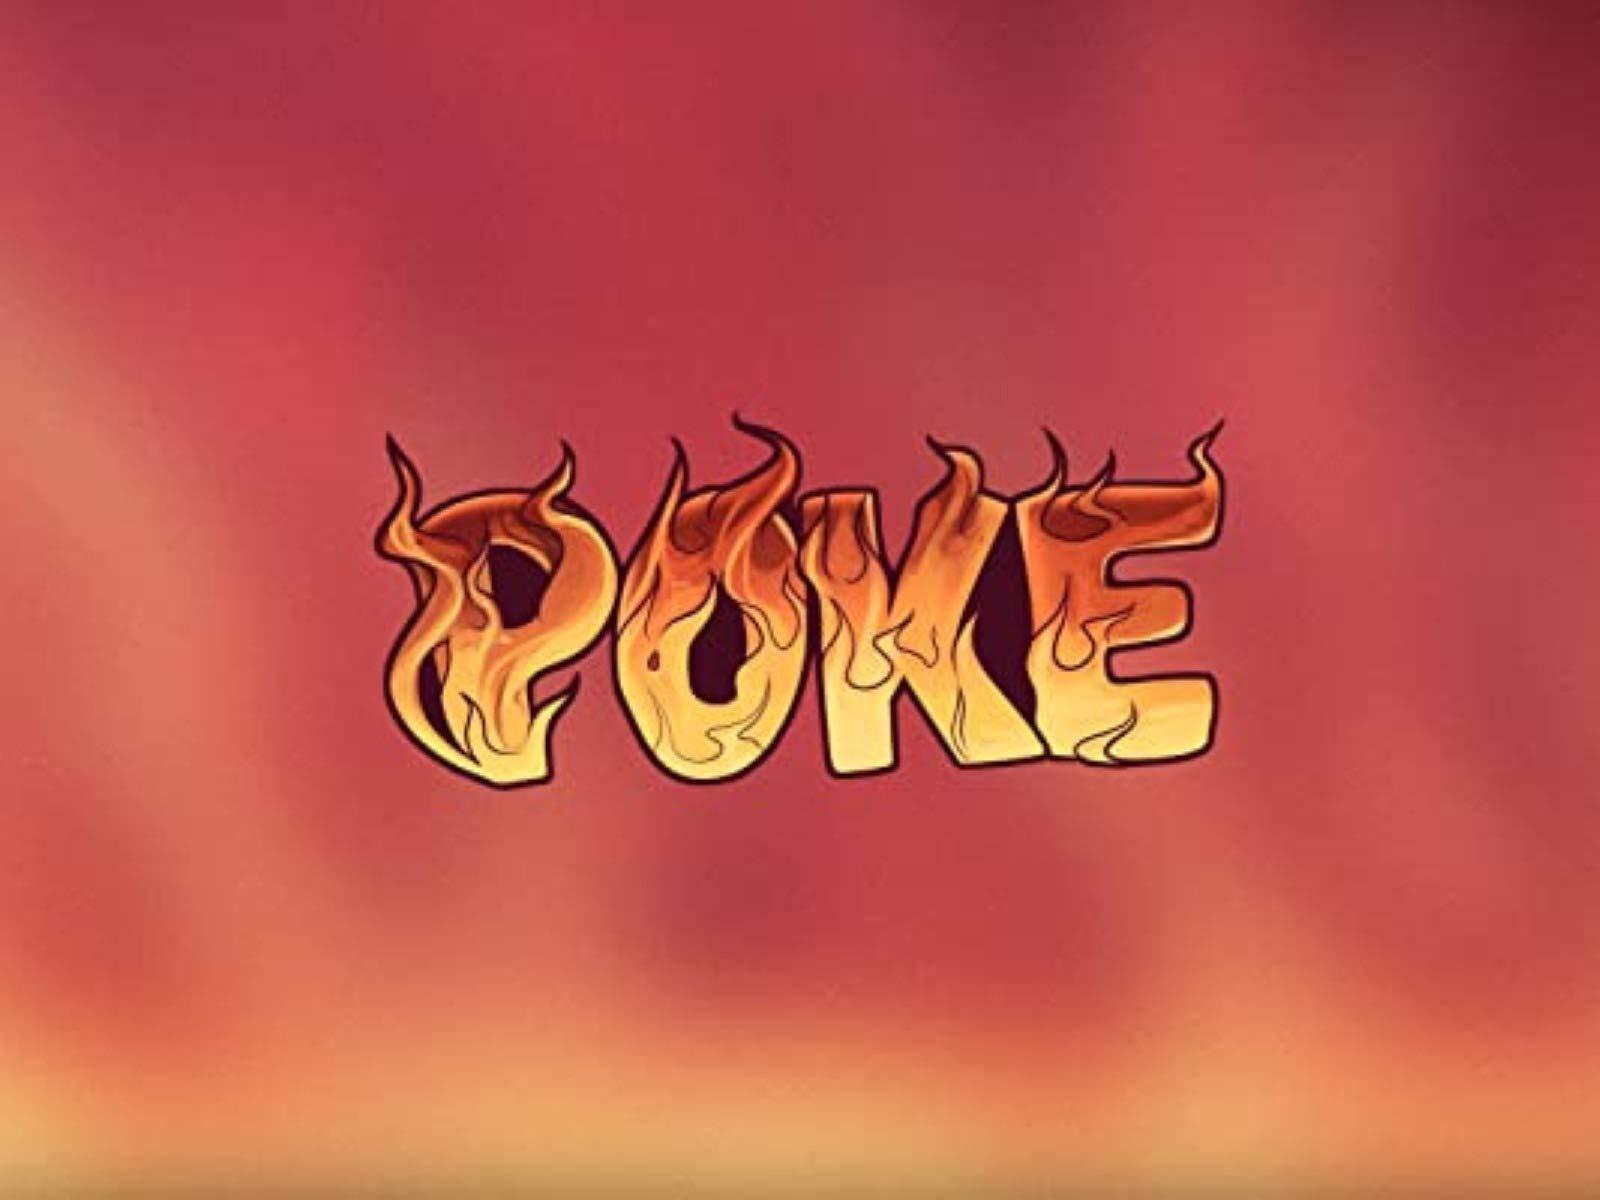 Clip: Poke - Season 36